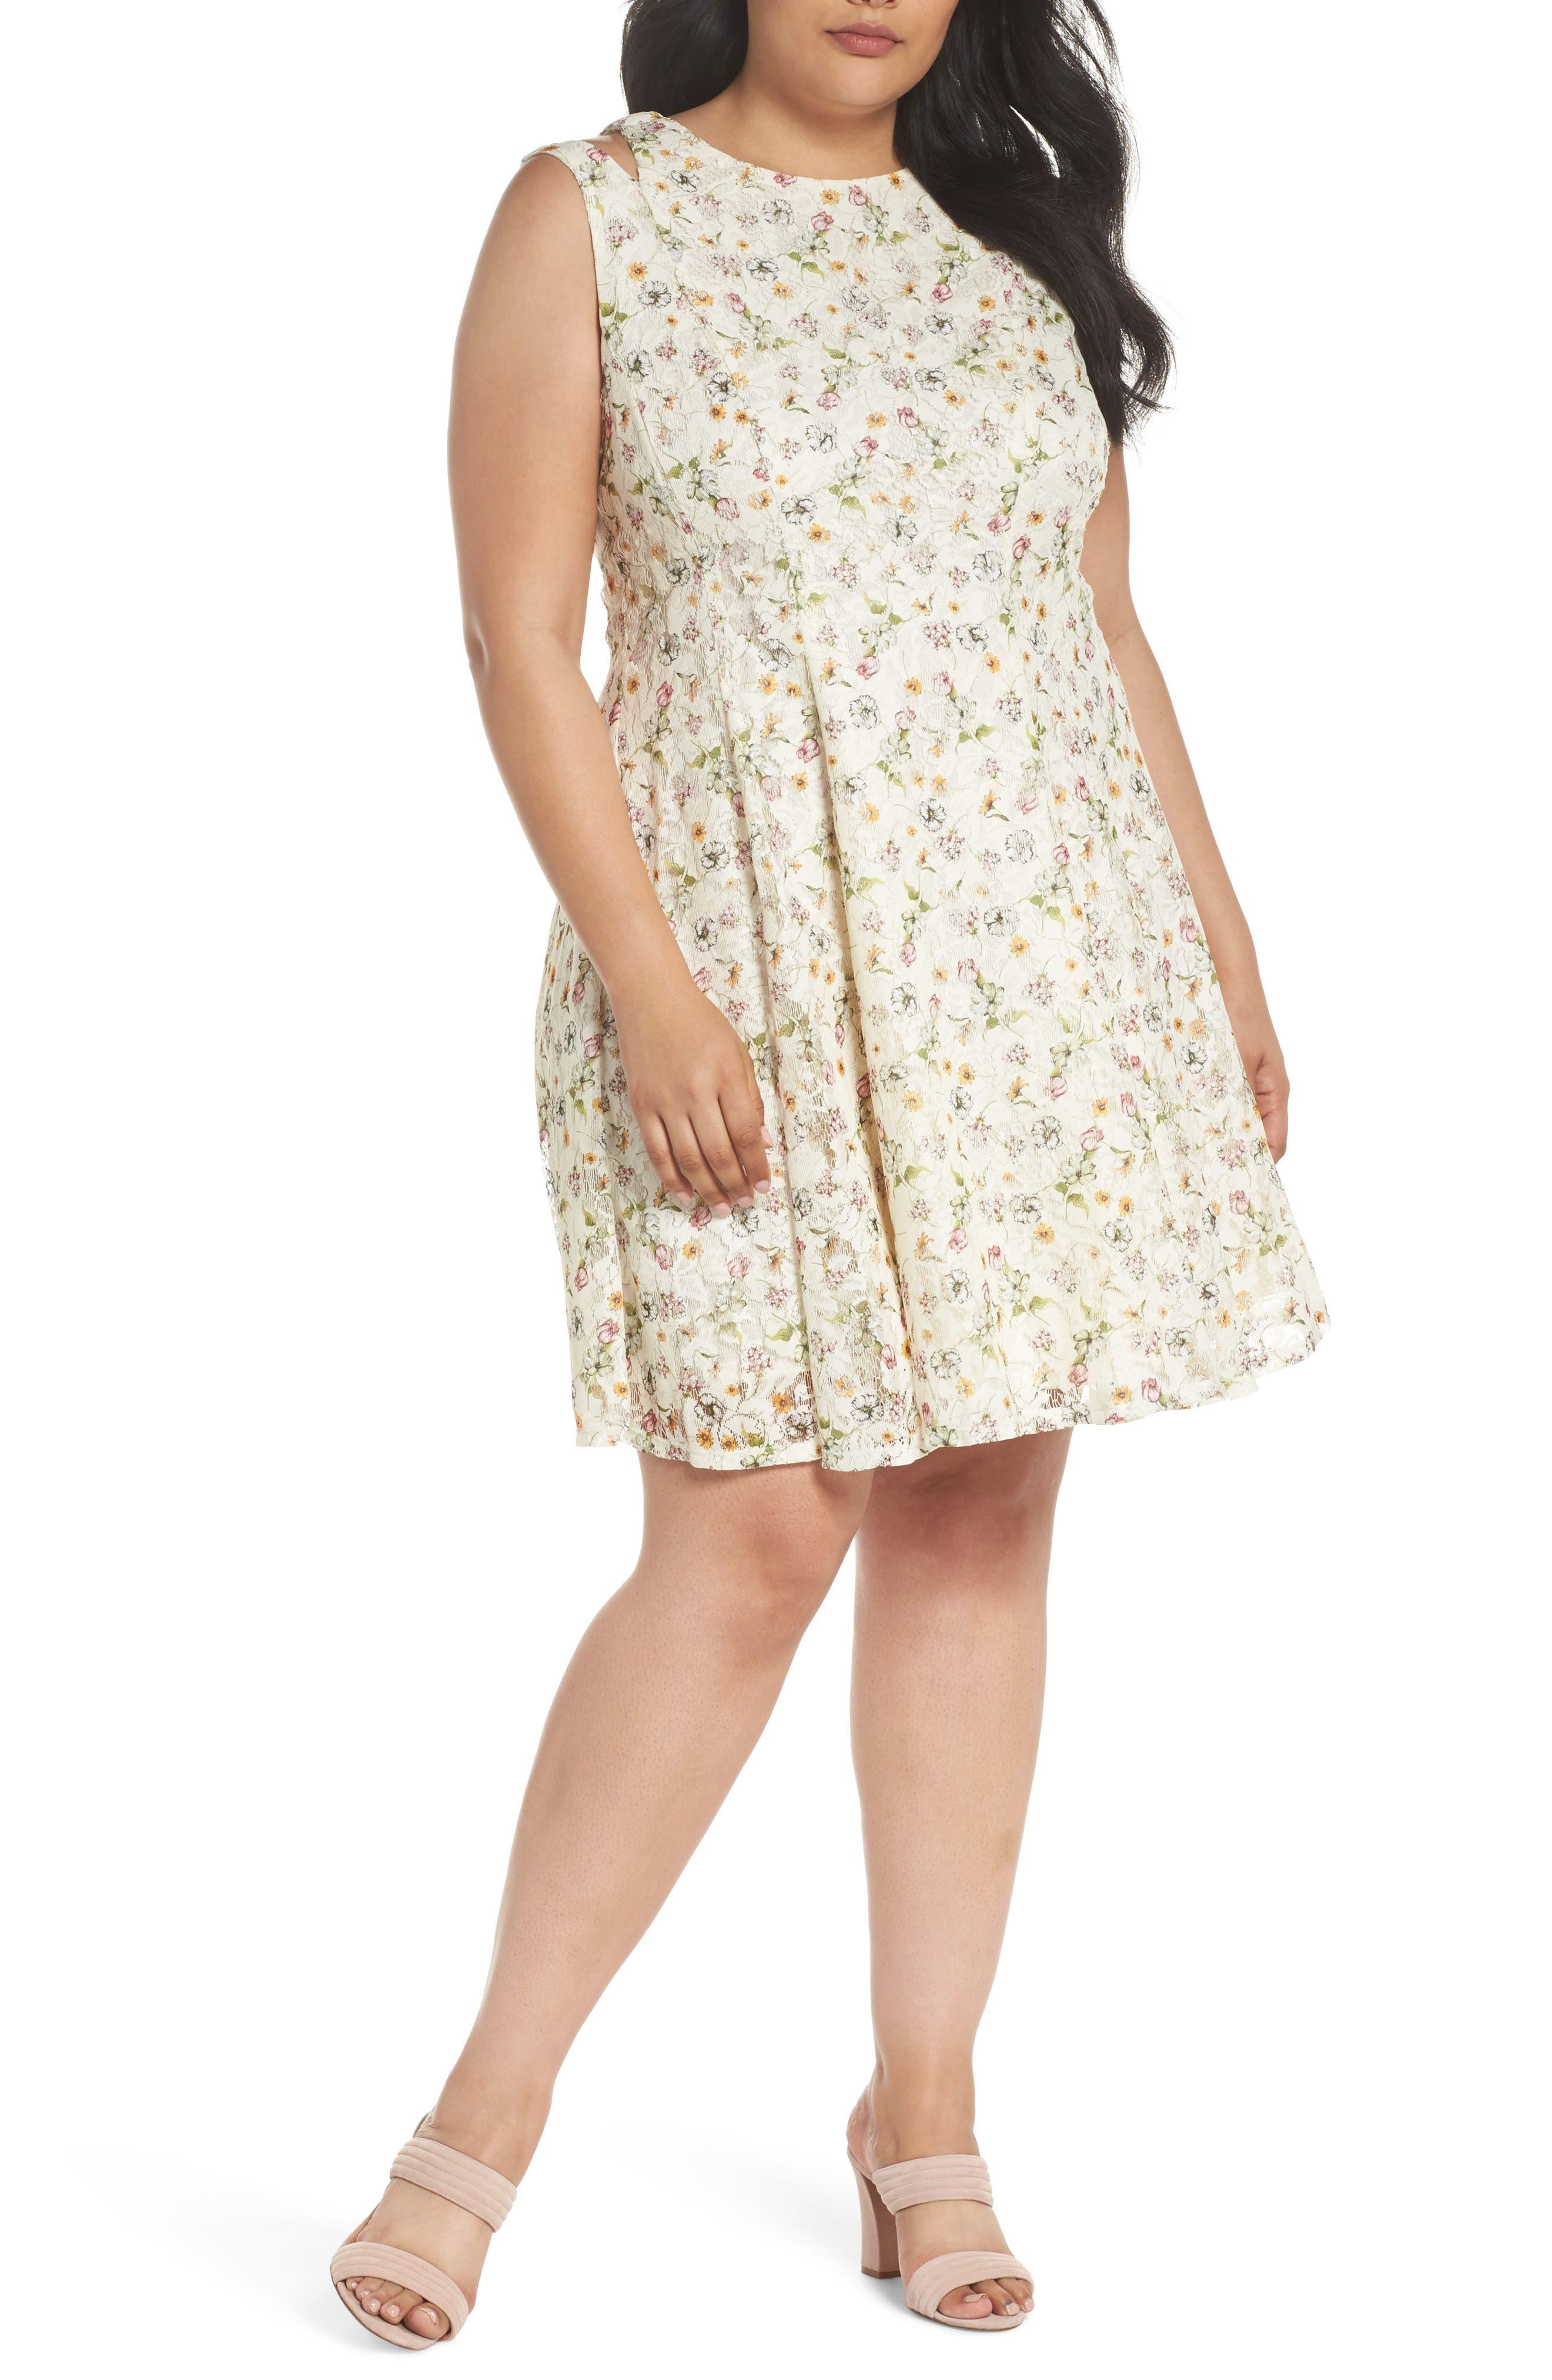 Main Image - Gabby Skye Cutout Shoulder Floral Print Lace Dress (Plus Size)